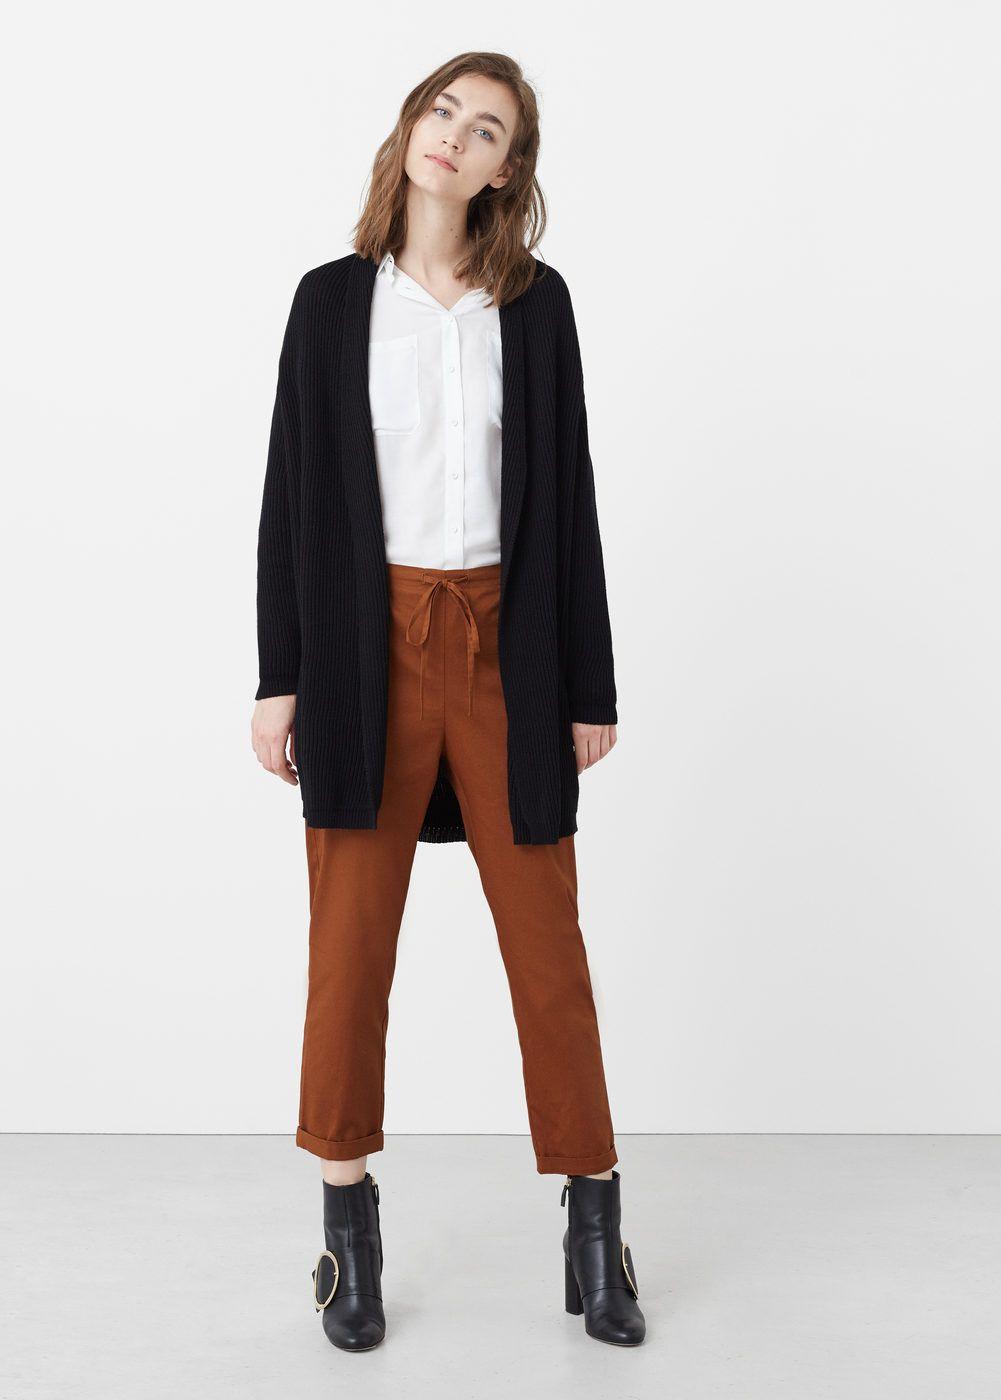 Lastikli Koton Hirka Kadin Cotton Cardigan Cardigan Clothes